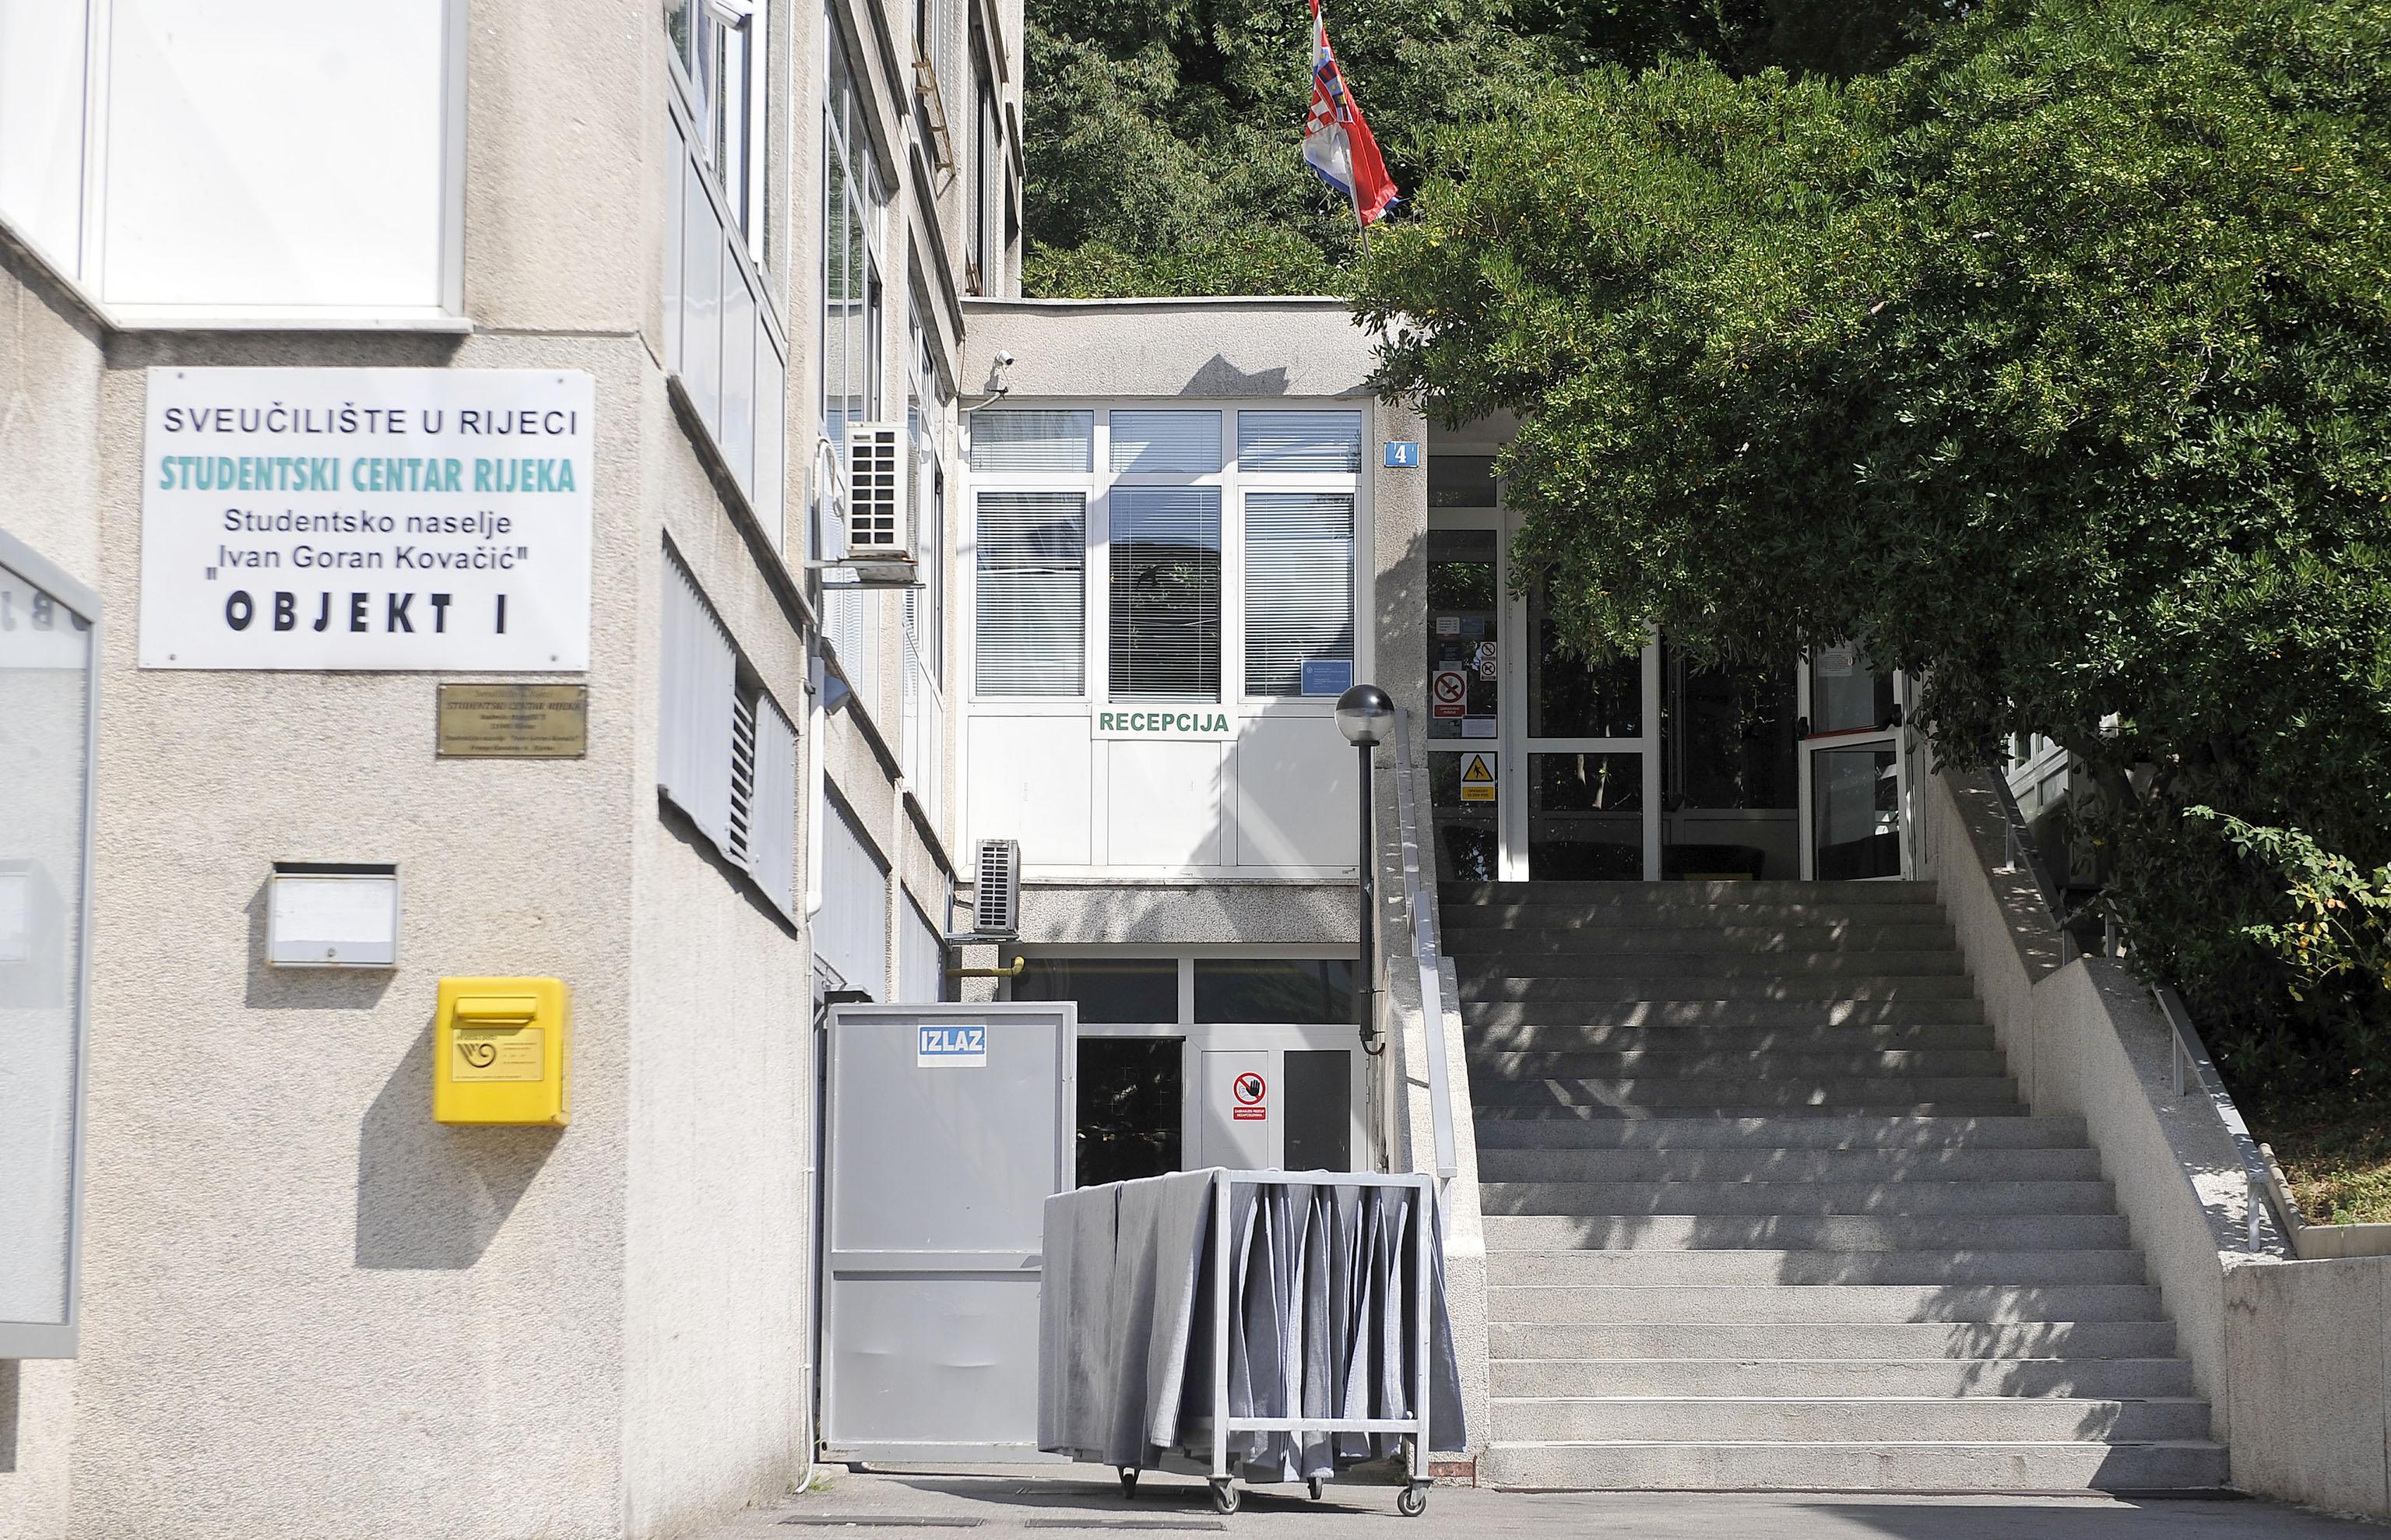 U naselje »I. G. Kovačić« može se smjestiti 650 studenata / Foto Vedran KARUZA